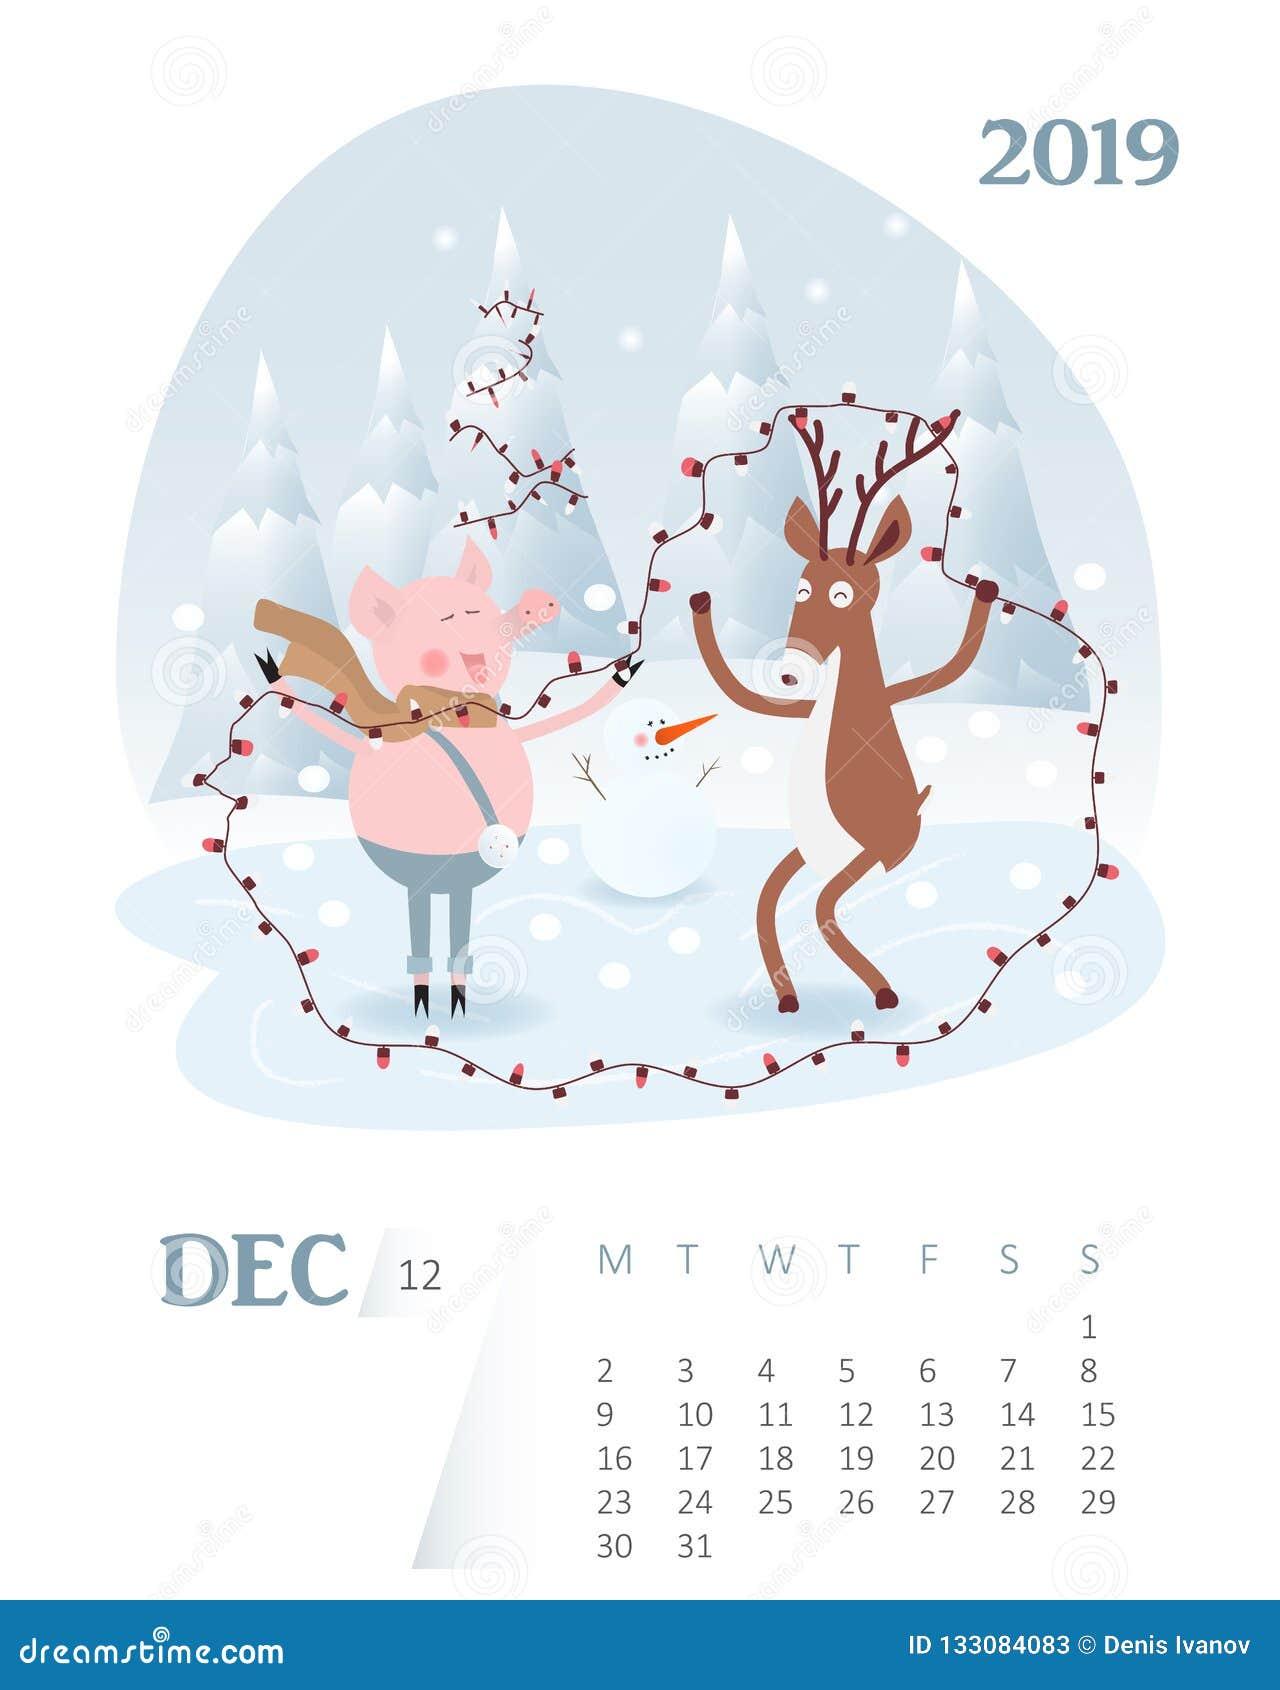 Calendario Dezembro 2019 Bonito.Calendario 2019 Calendario Bonito Dos Desenhos Animados Do